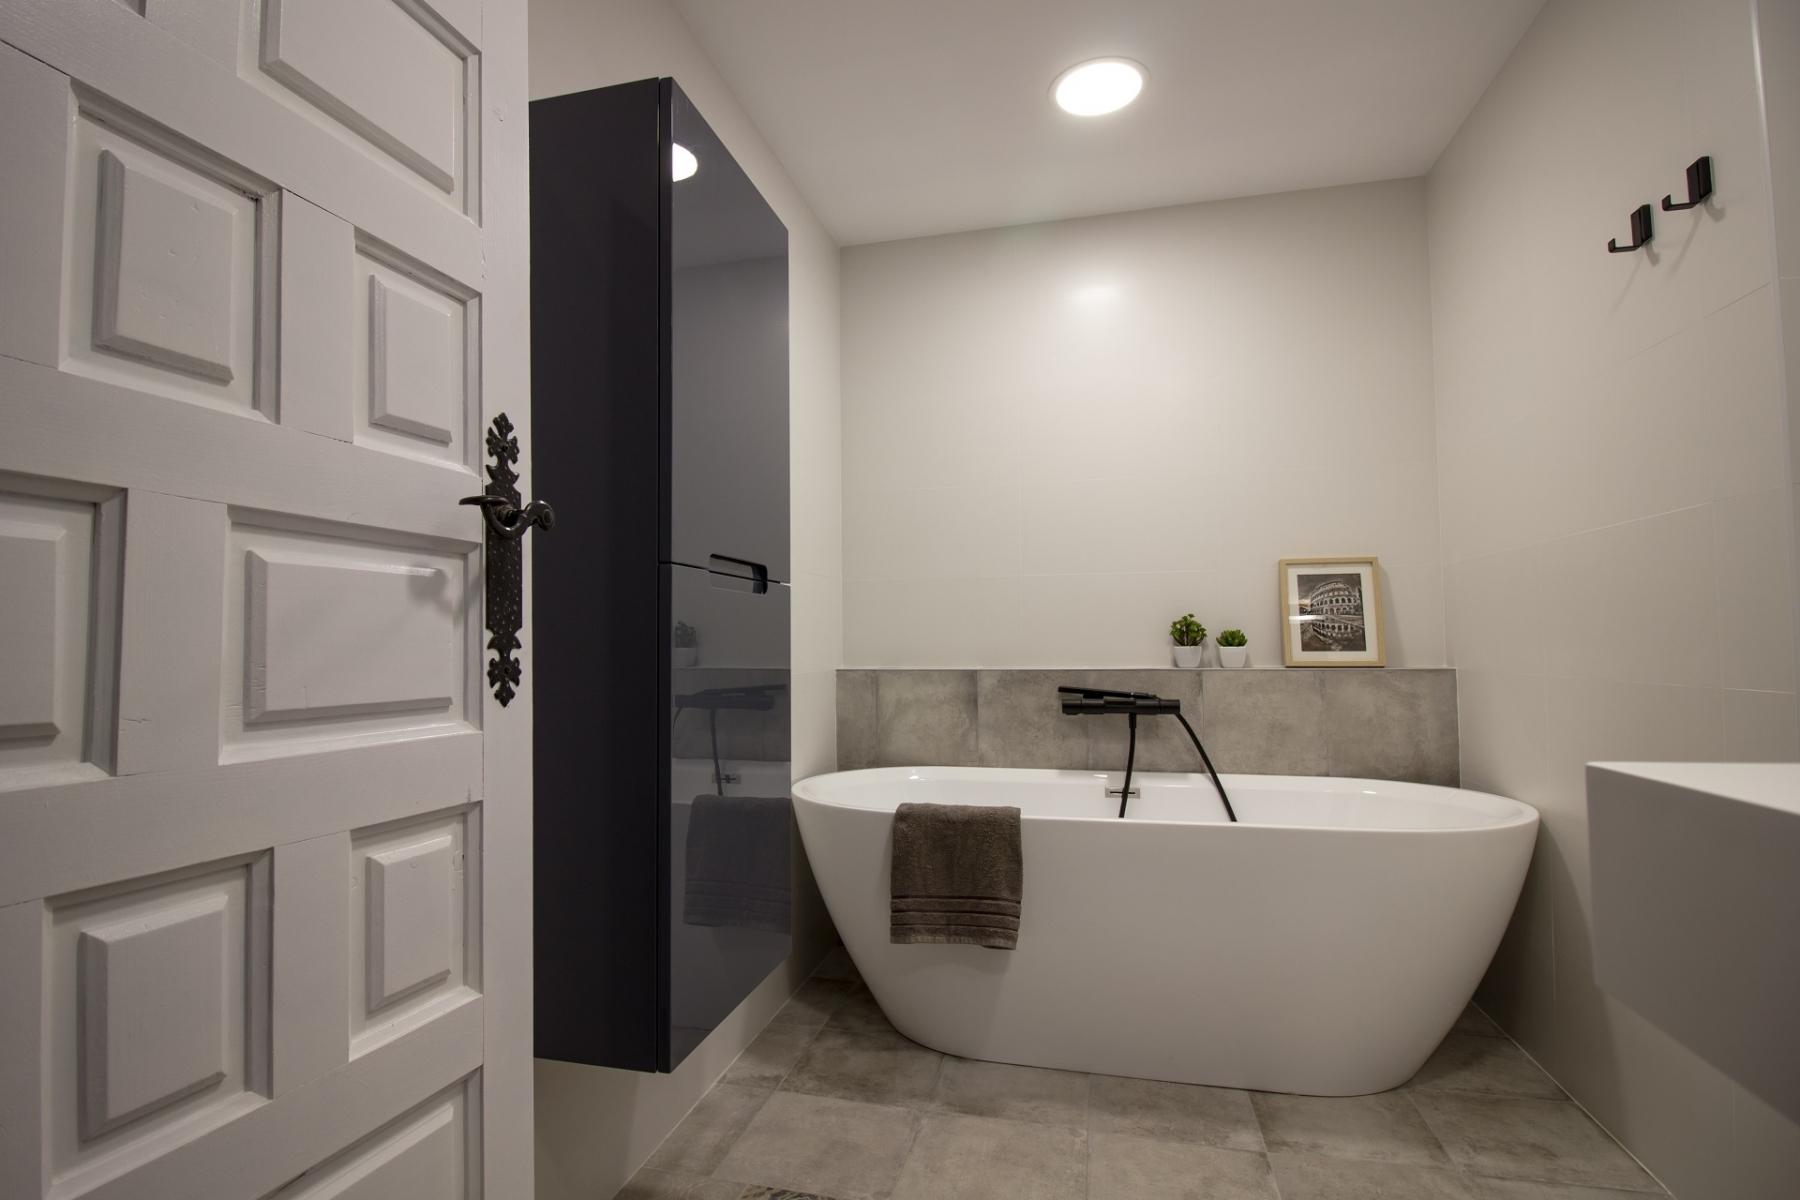 Baño Hamaika con baño y mobiliario